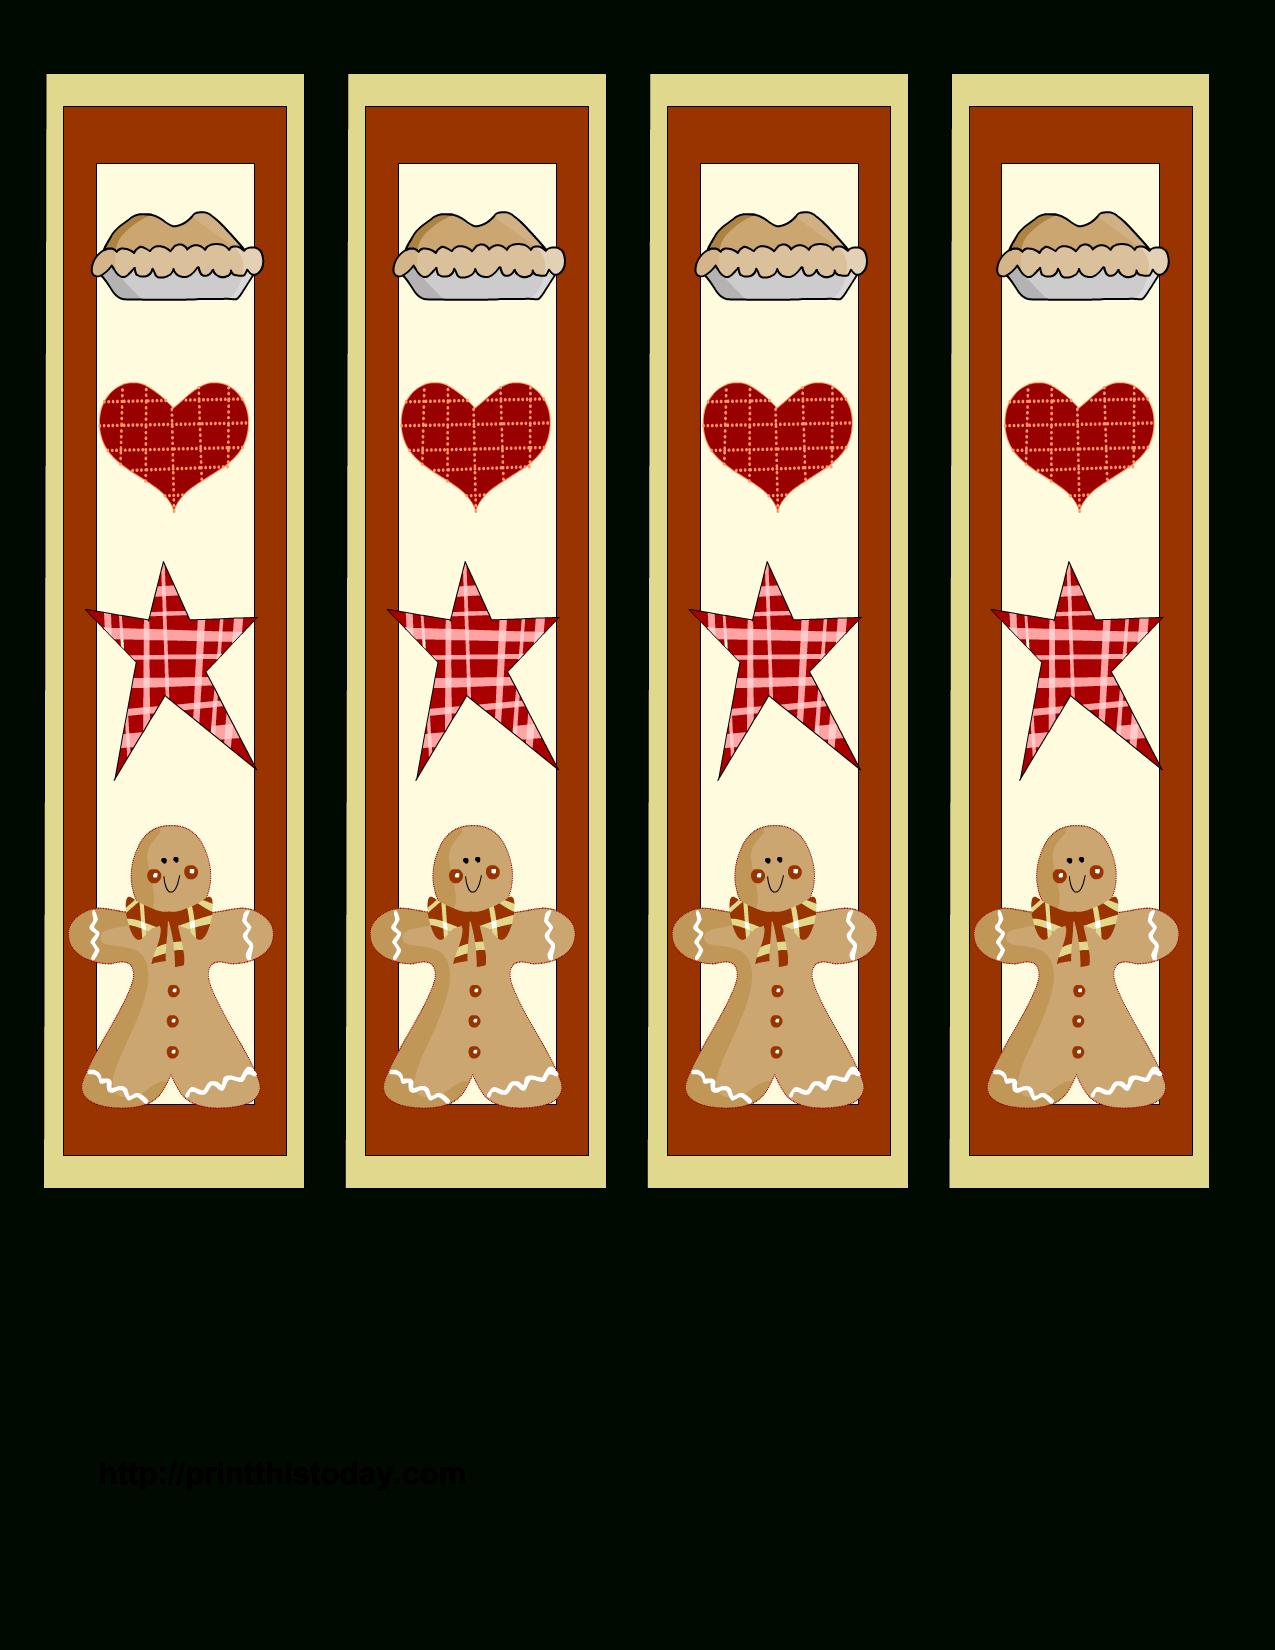 Free Printable Christmas Bookmarks | Print This Today | Better To - Free Printable Bookmarks For Christmas